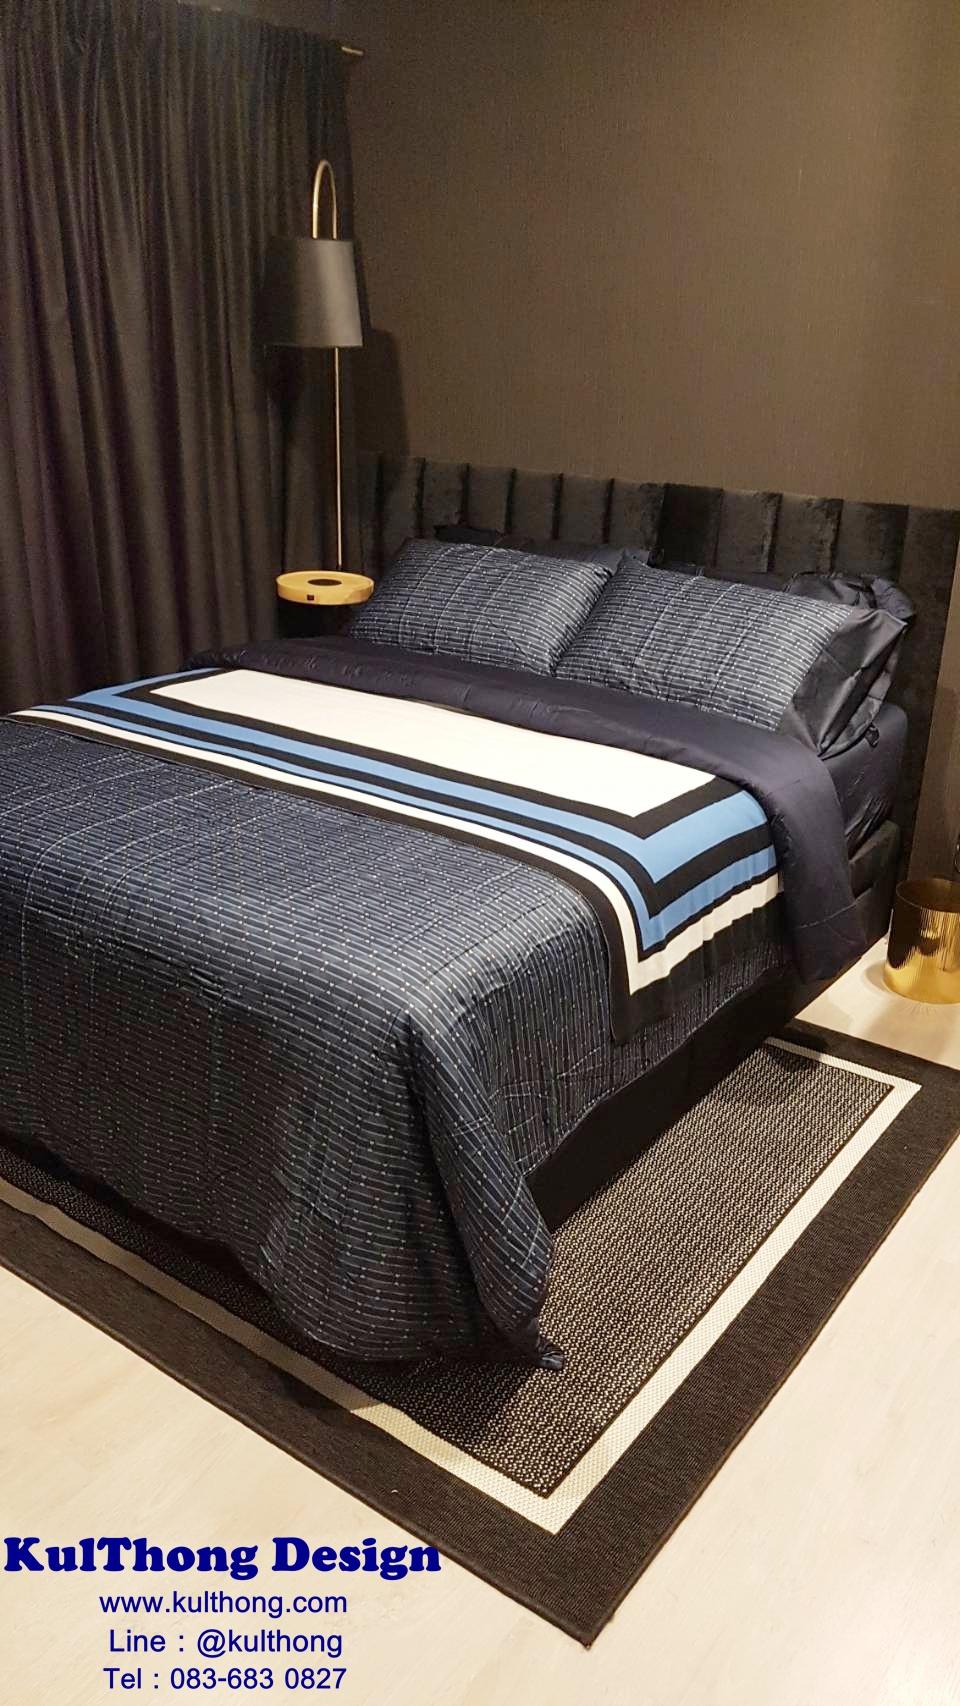 ฐานเตียง ฐานรองที่นอน เตียงดีไซน์